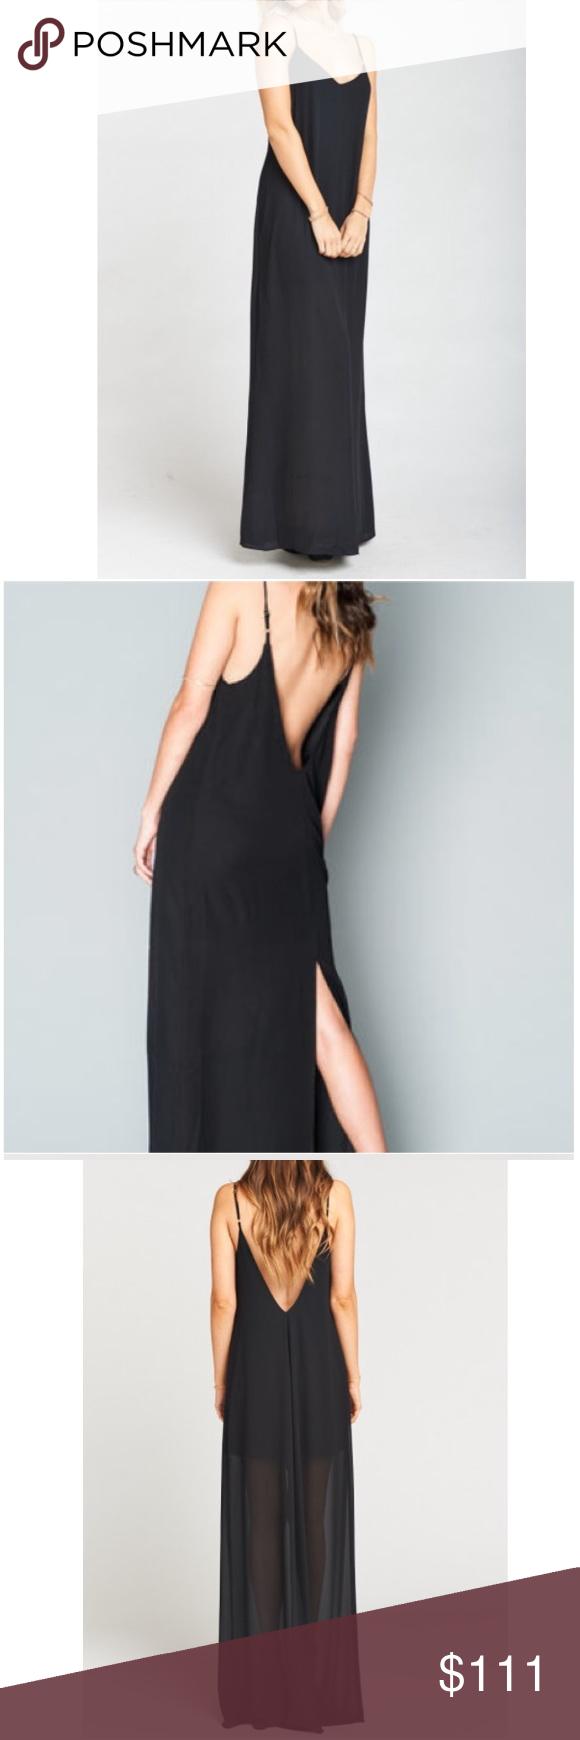 Nwt Show Me Your Mumu Jolie Maxi Dress Dresses Maxi Dress Clothes Design [ 1740 x 580 Pixel ]